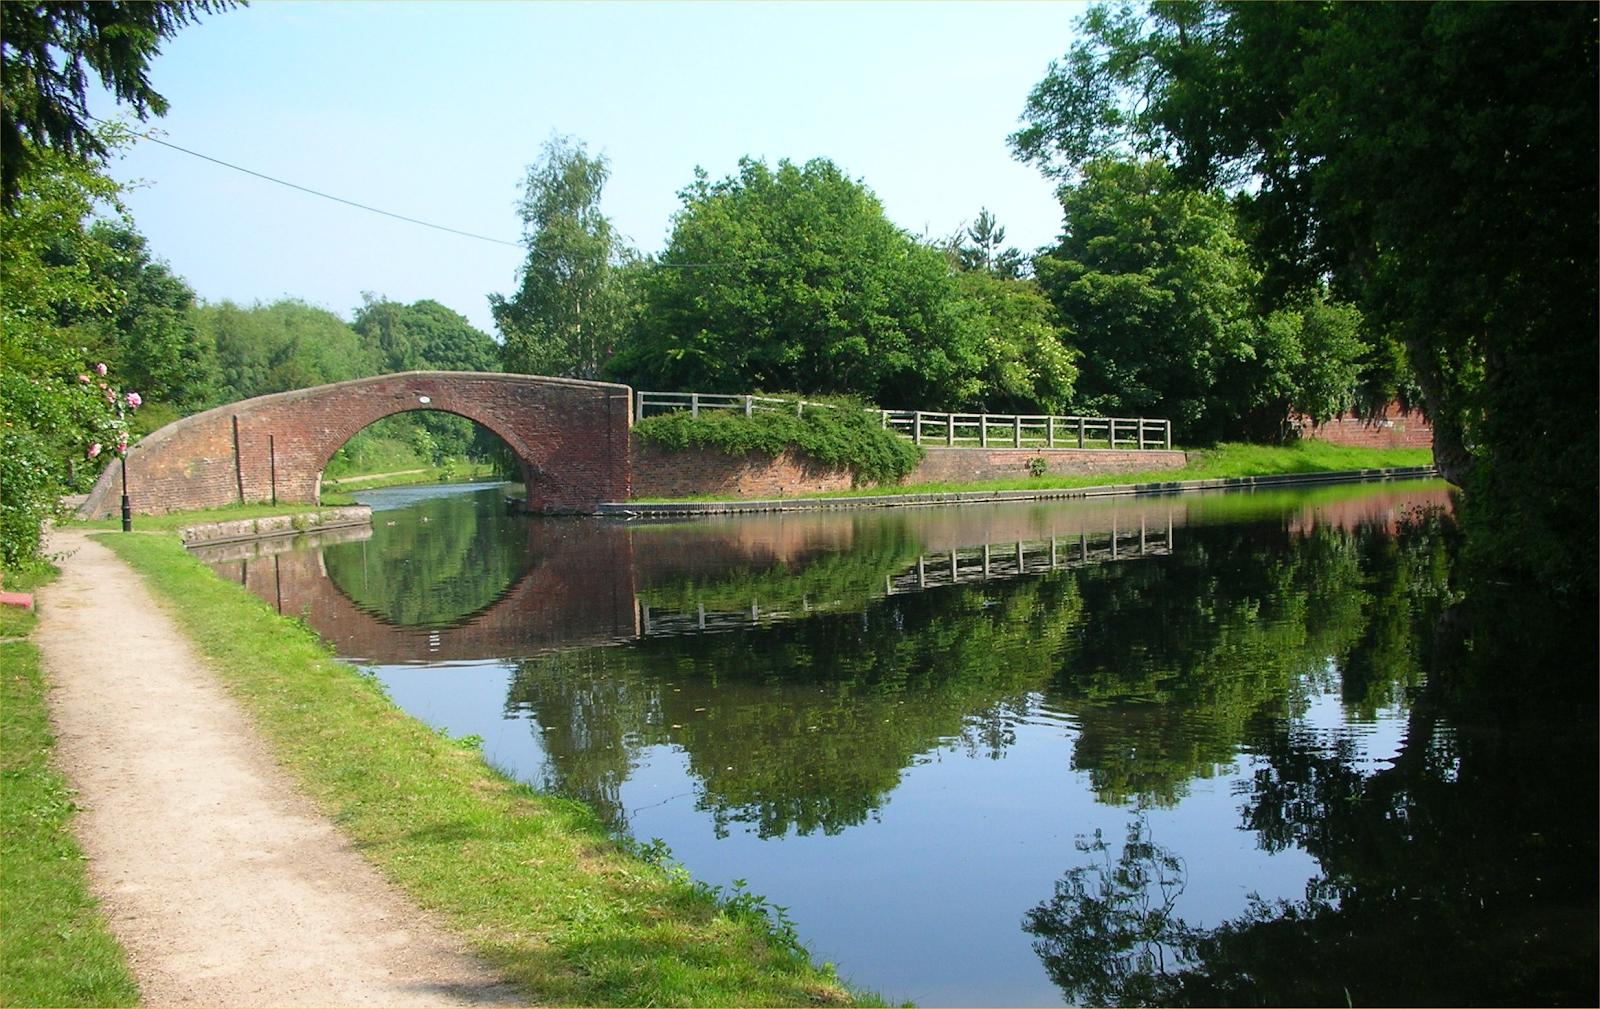 GJW Blog - Narrowboat Route Avon Ring